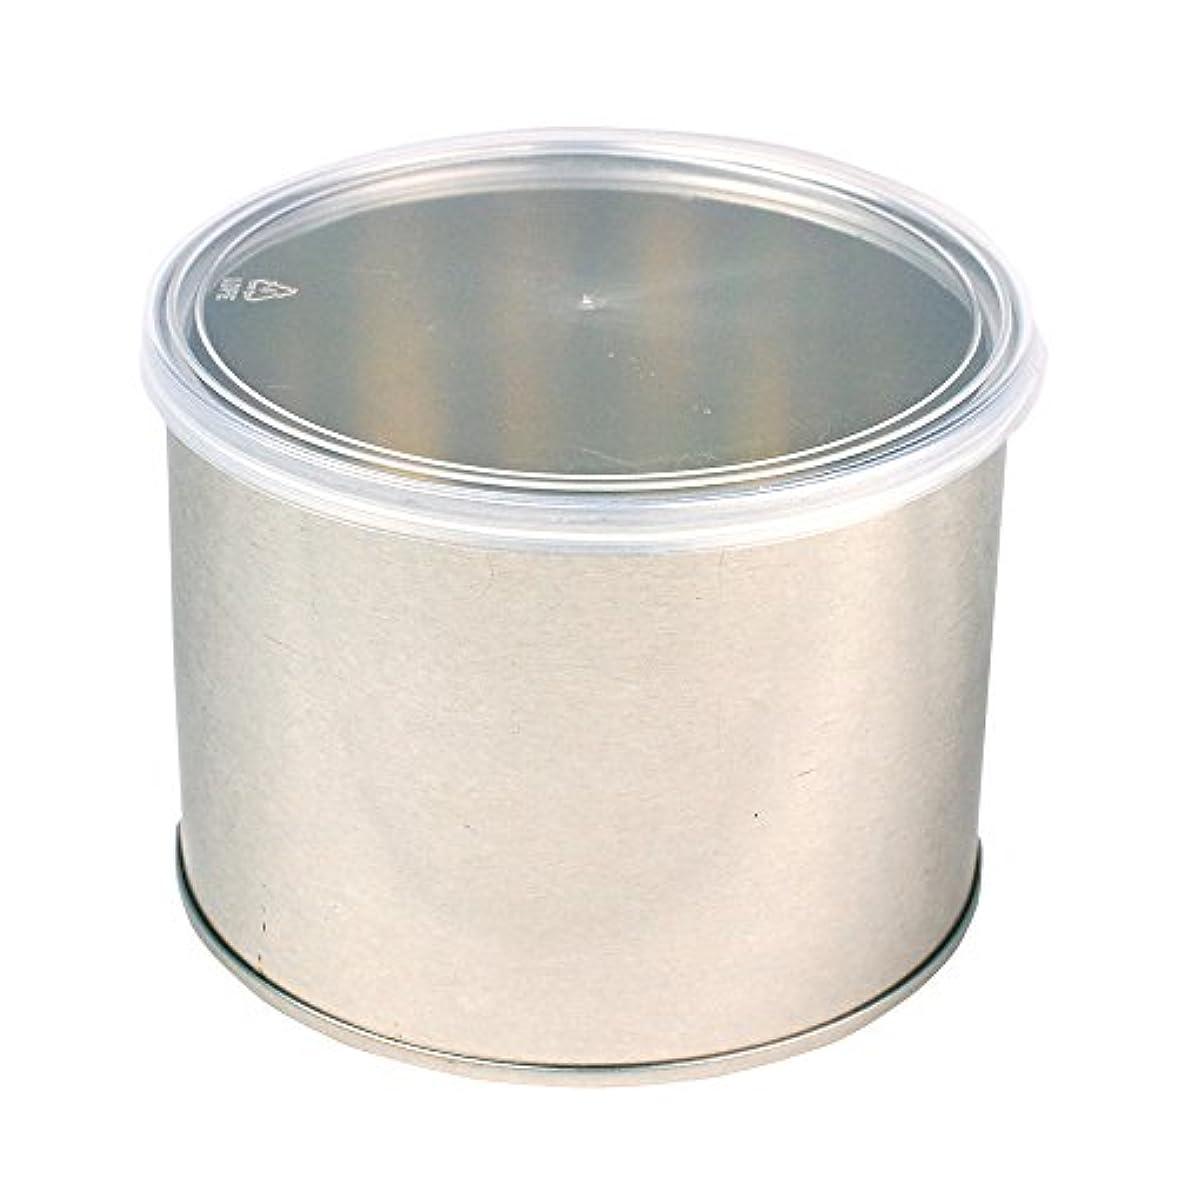 試み虚栄心世紀ワックス脱毛用スチール缶 ハード?ソフト両用 キャップ付 5個(032-5) ブラジリアンワックス